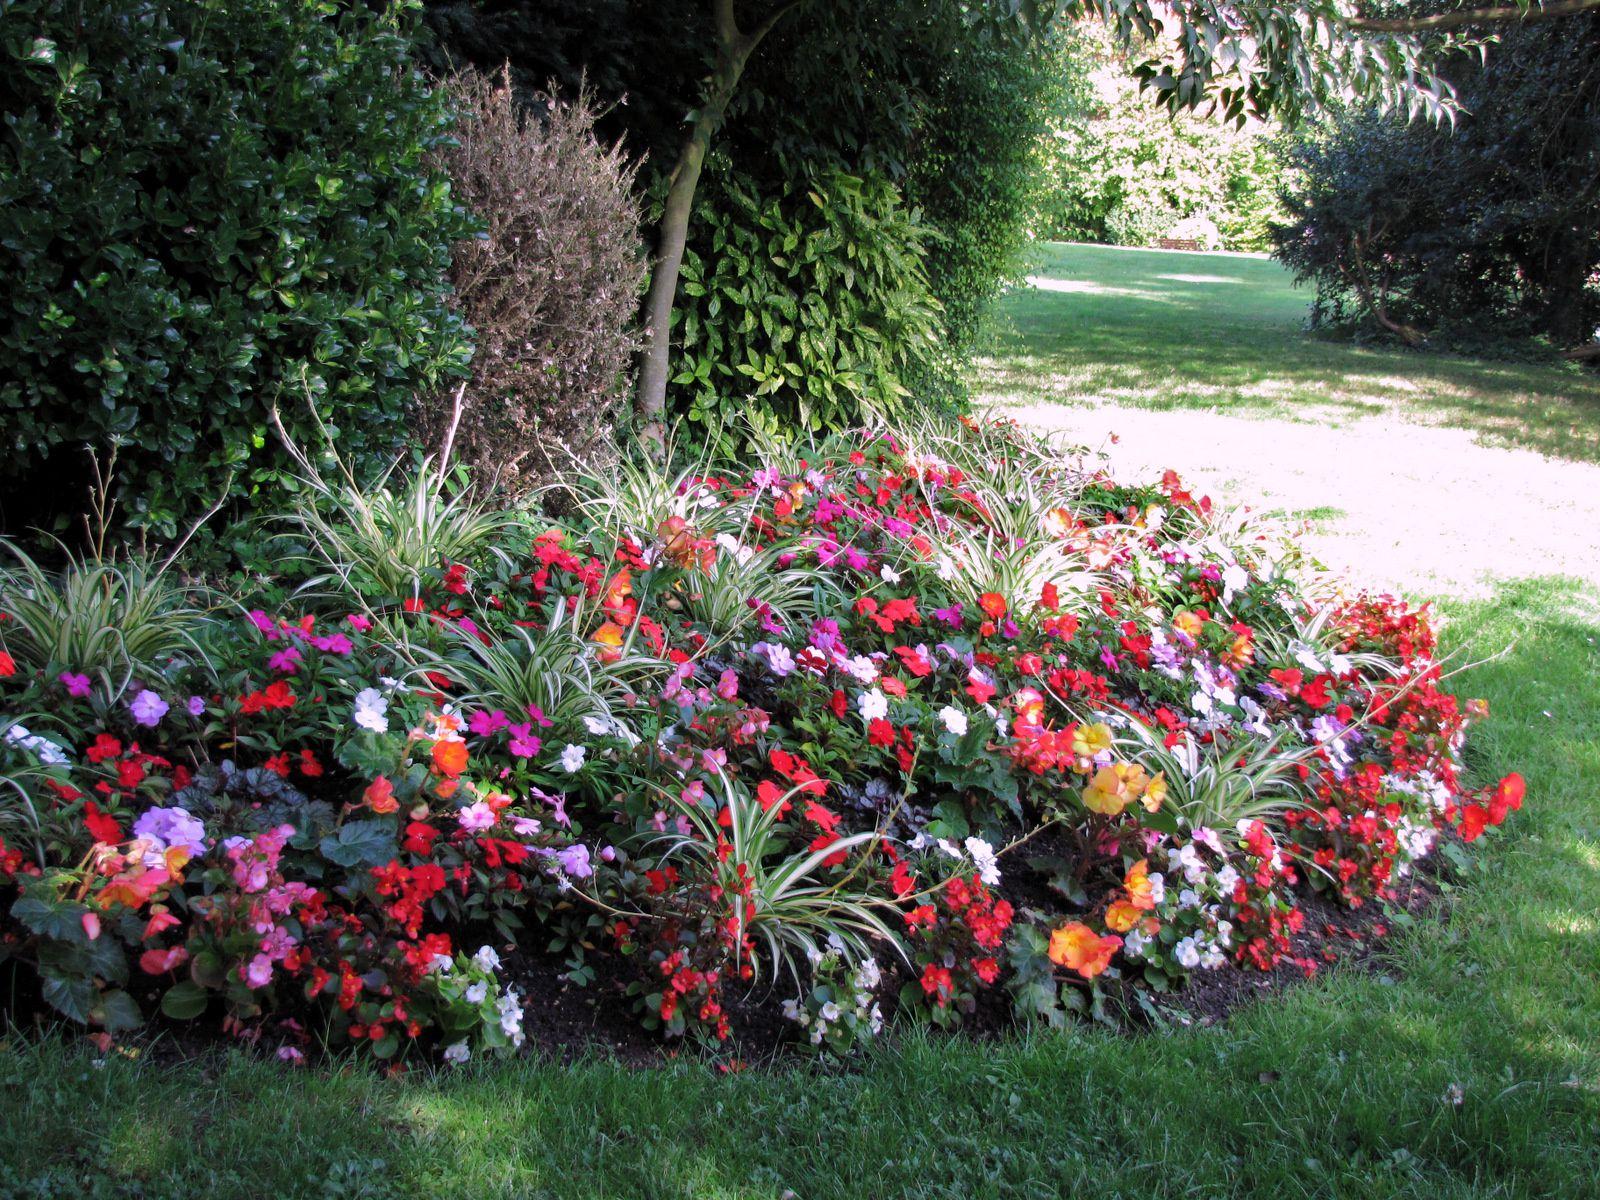 Le Jardin du Trocadéro du Parc de Sainf-Cloud, parterres de fleurs